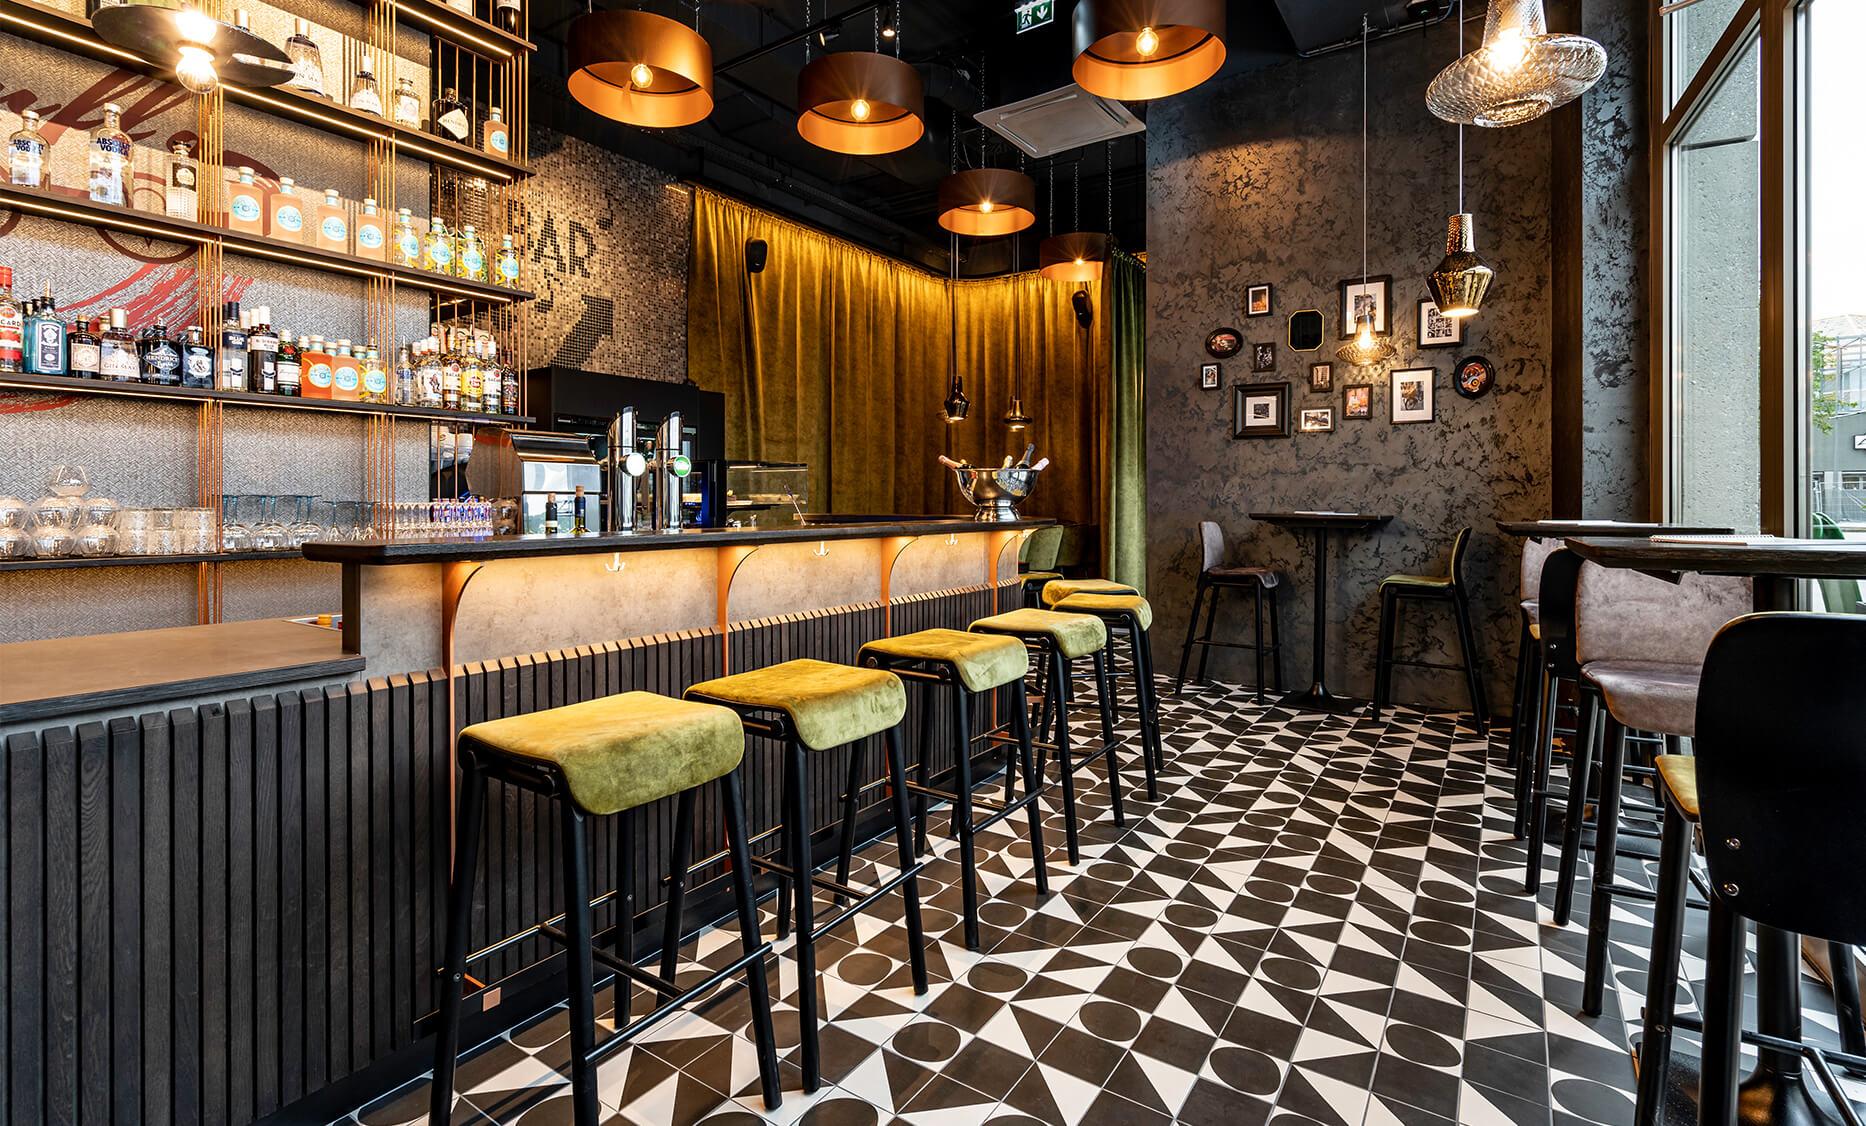 Bar Interior Design von der id Werkstatt aus Vorchdorf, Bar und Hochbereich, dahinter gemütliche Sitzecke umrahmt mit flauschigen Vorhängen, dekoratives Licht mittels Glasschirmchen